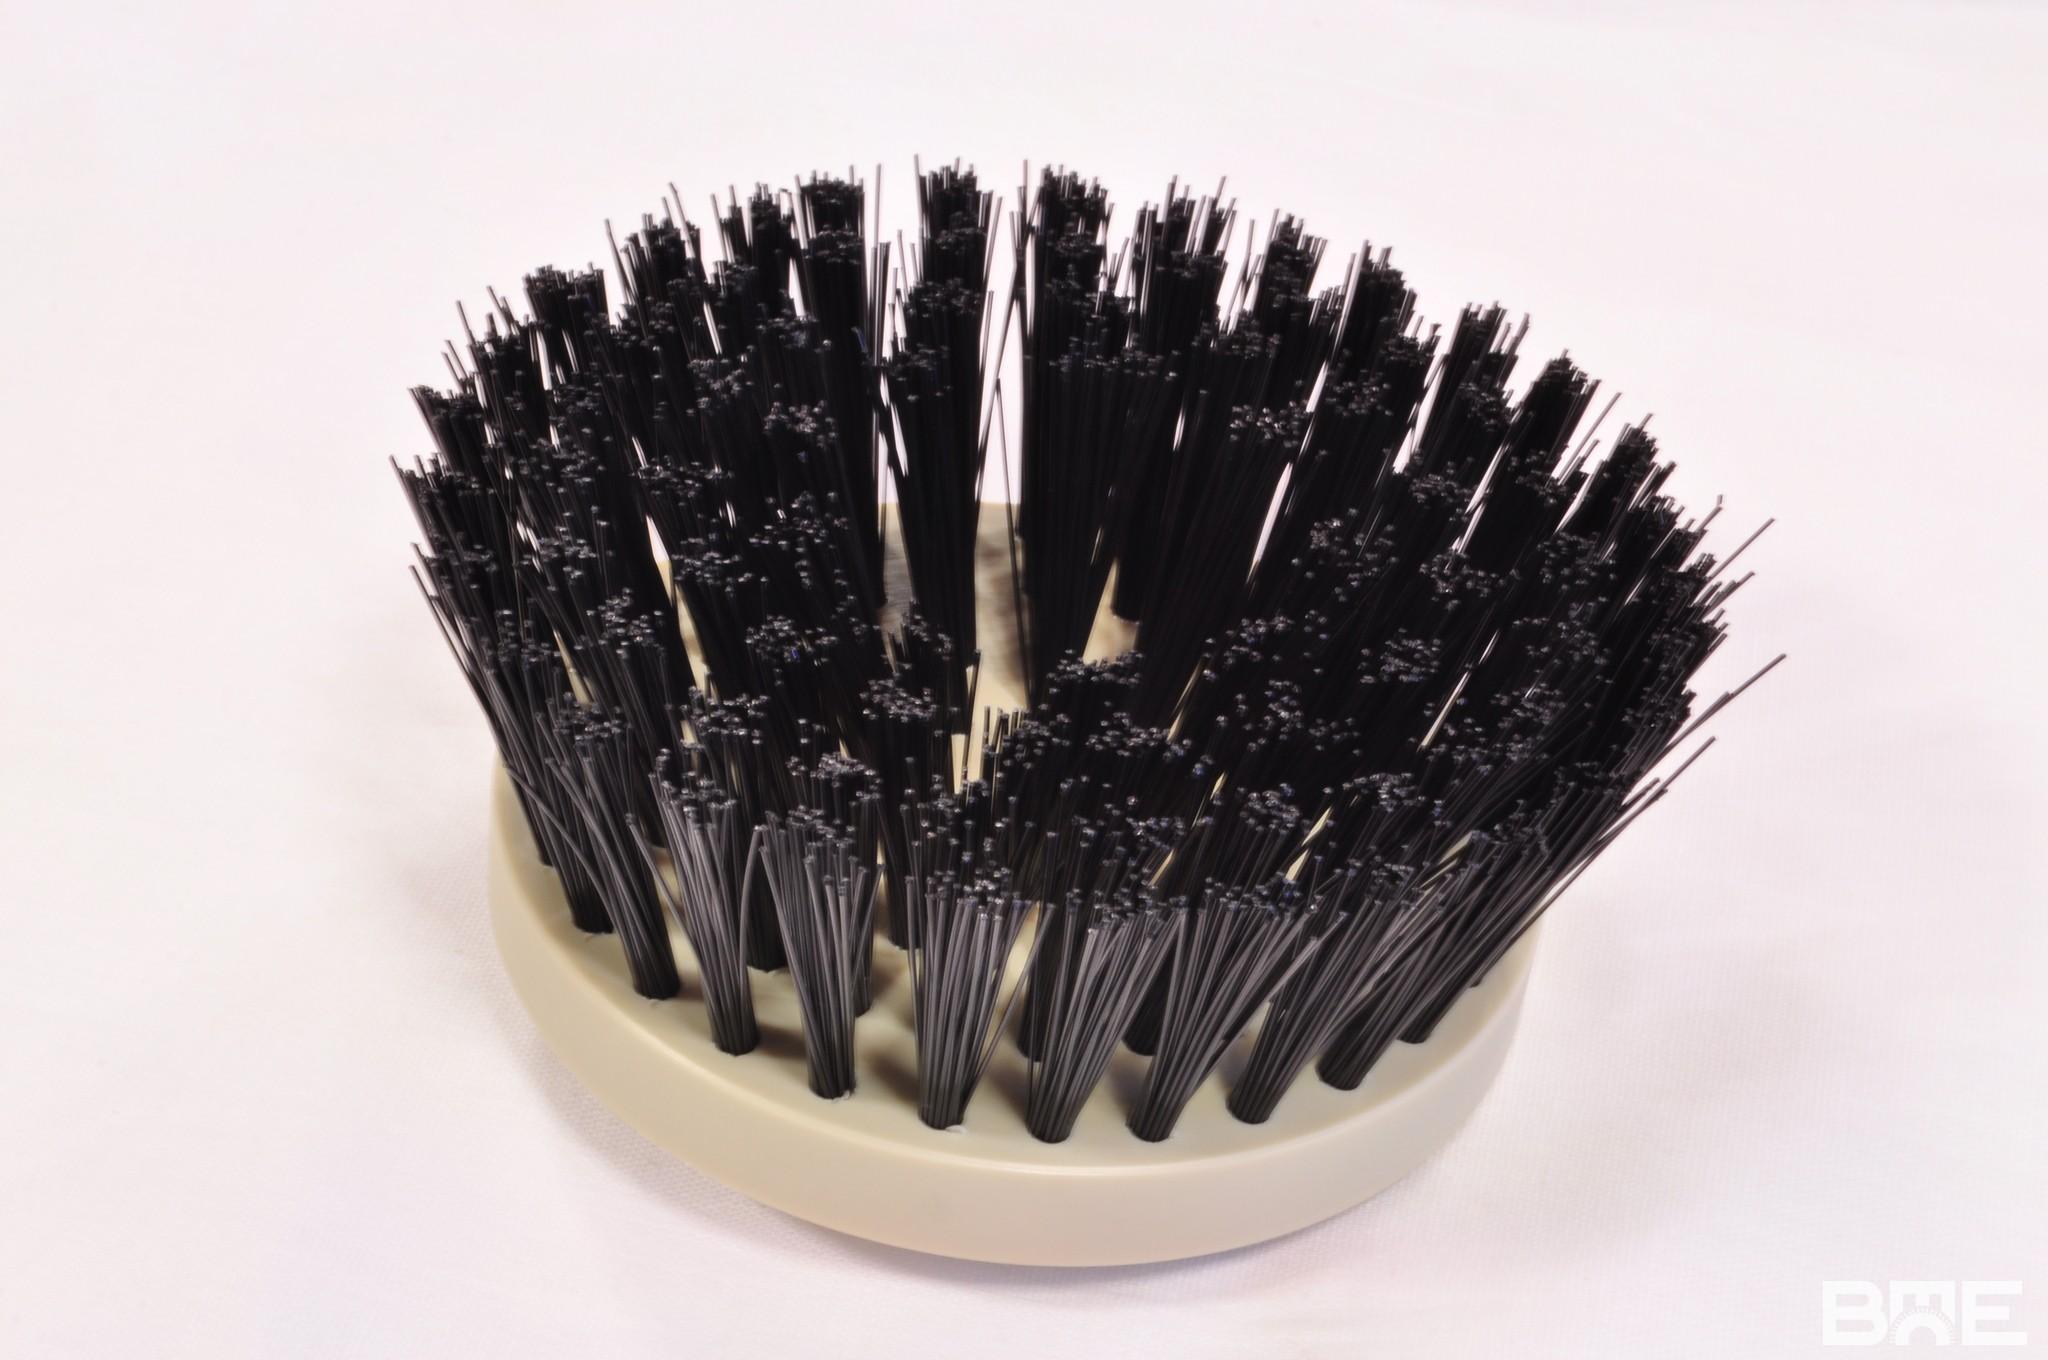 Brosse plateau circulaire type coupe avec fibres inclinées